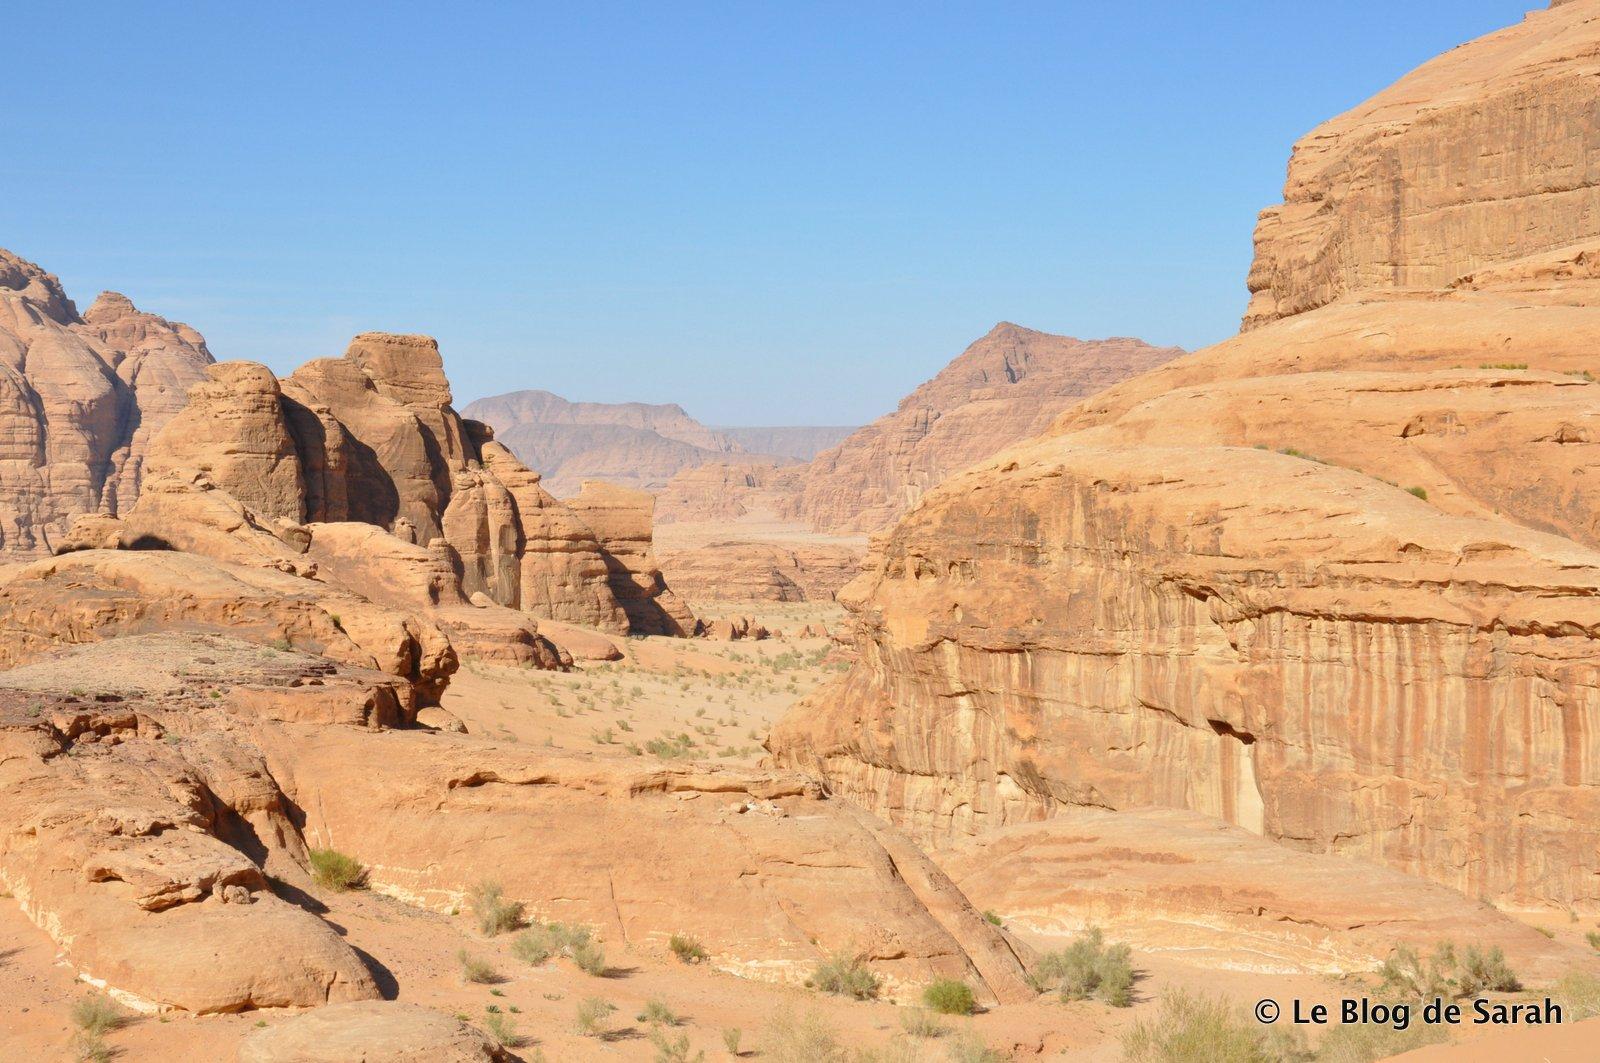 El suntuoso desierto de Wadi Rum con sus rocas esculpidas por el agua y el viento